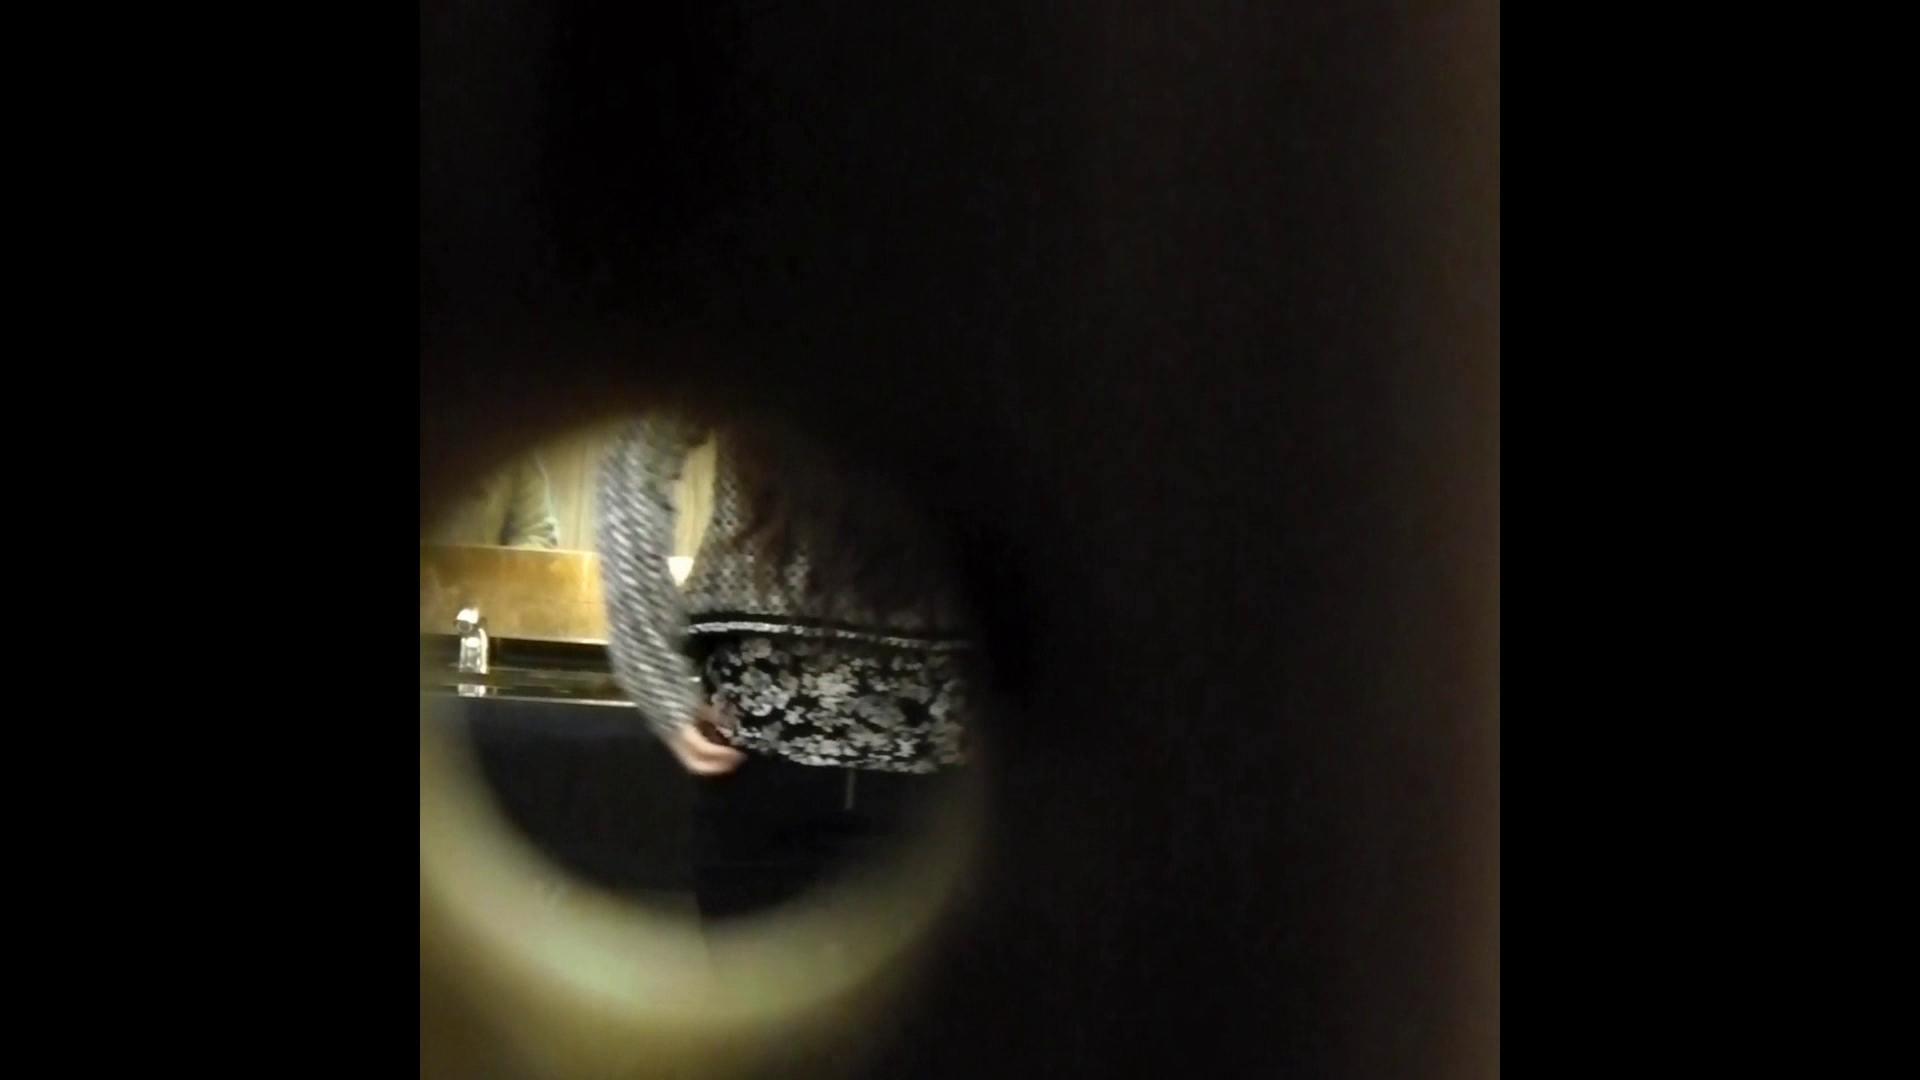 阿国ちゃんの和式洋式七変化 Vol.27 シリーズ最高作誕生 OLハメ撮り  54Pix 15